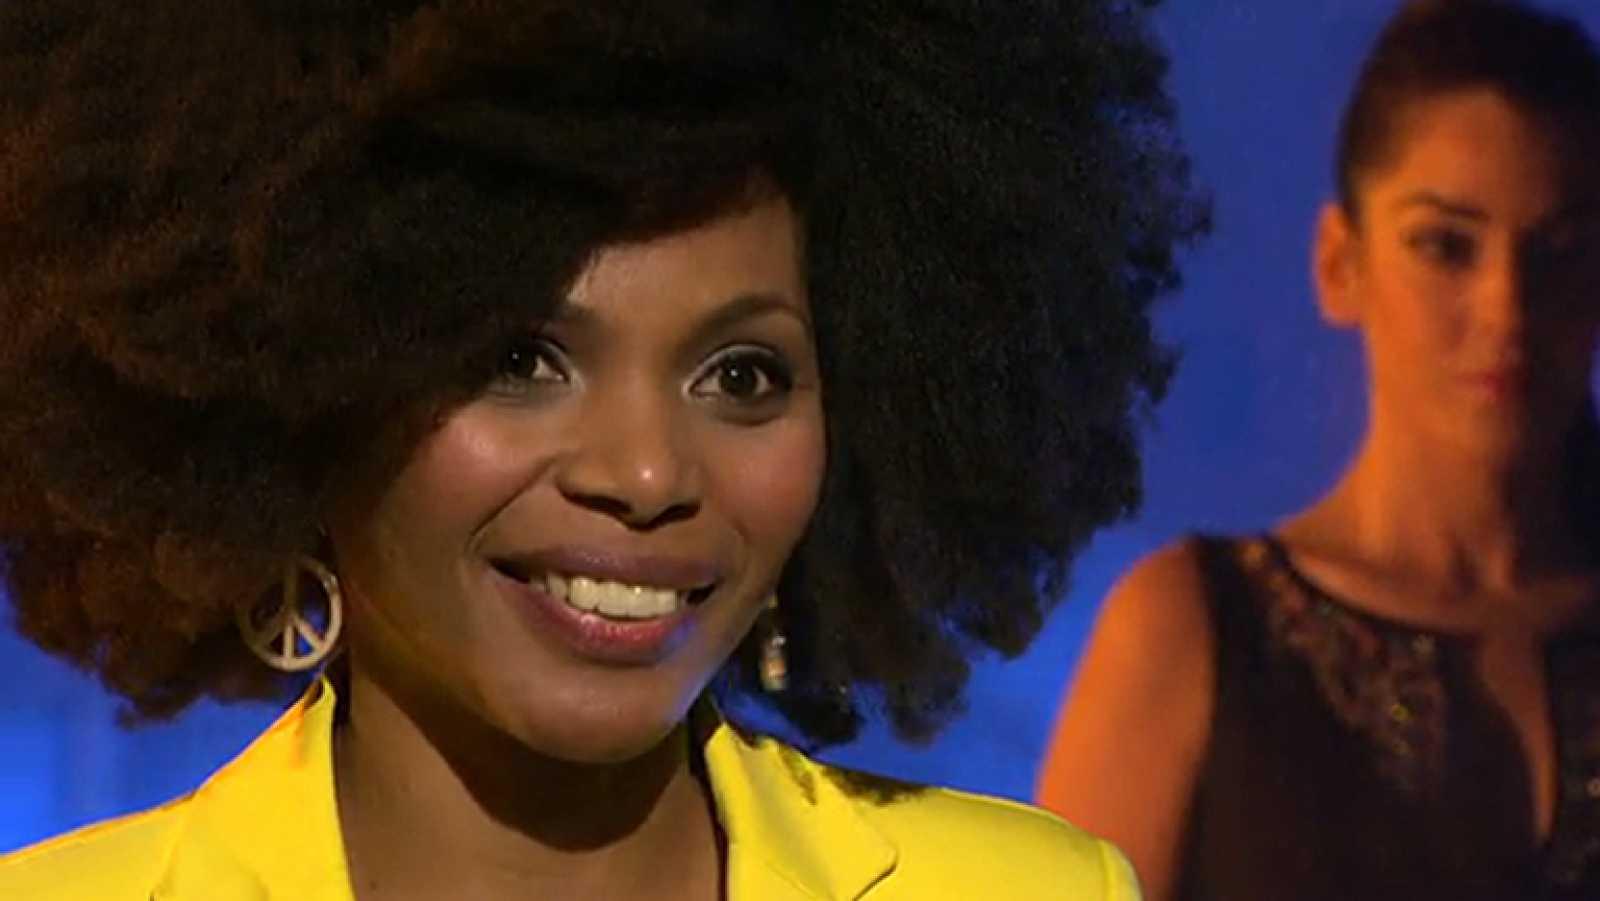 ¡Mira quién va a Eurovisión! - Brequette, sin miedo a los leones